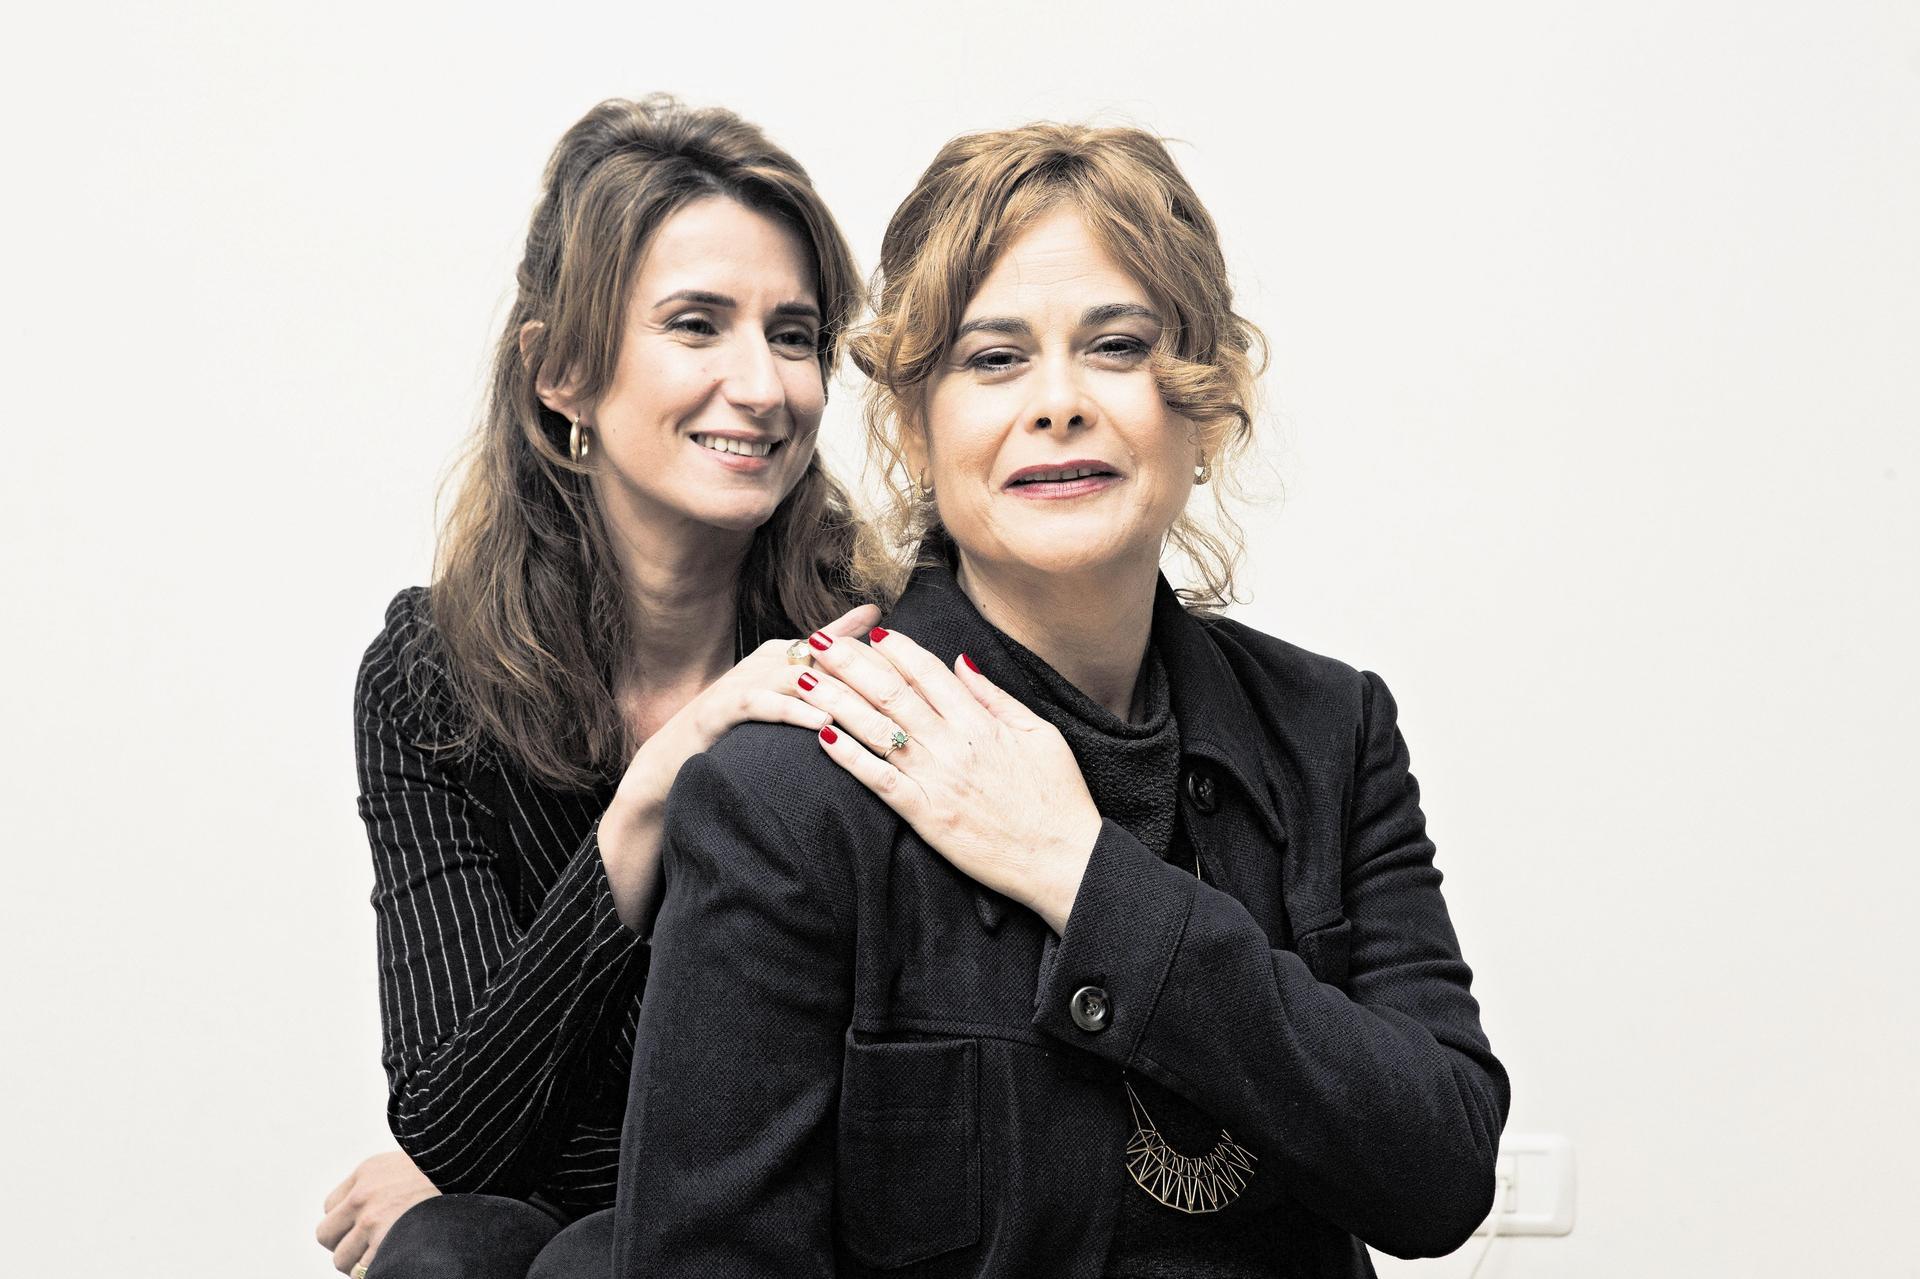 נינה פינטו-אבקסיס ונילי צרויה. צילום: תומי הרפז